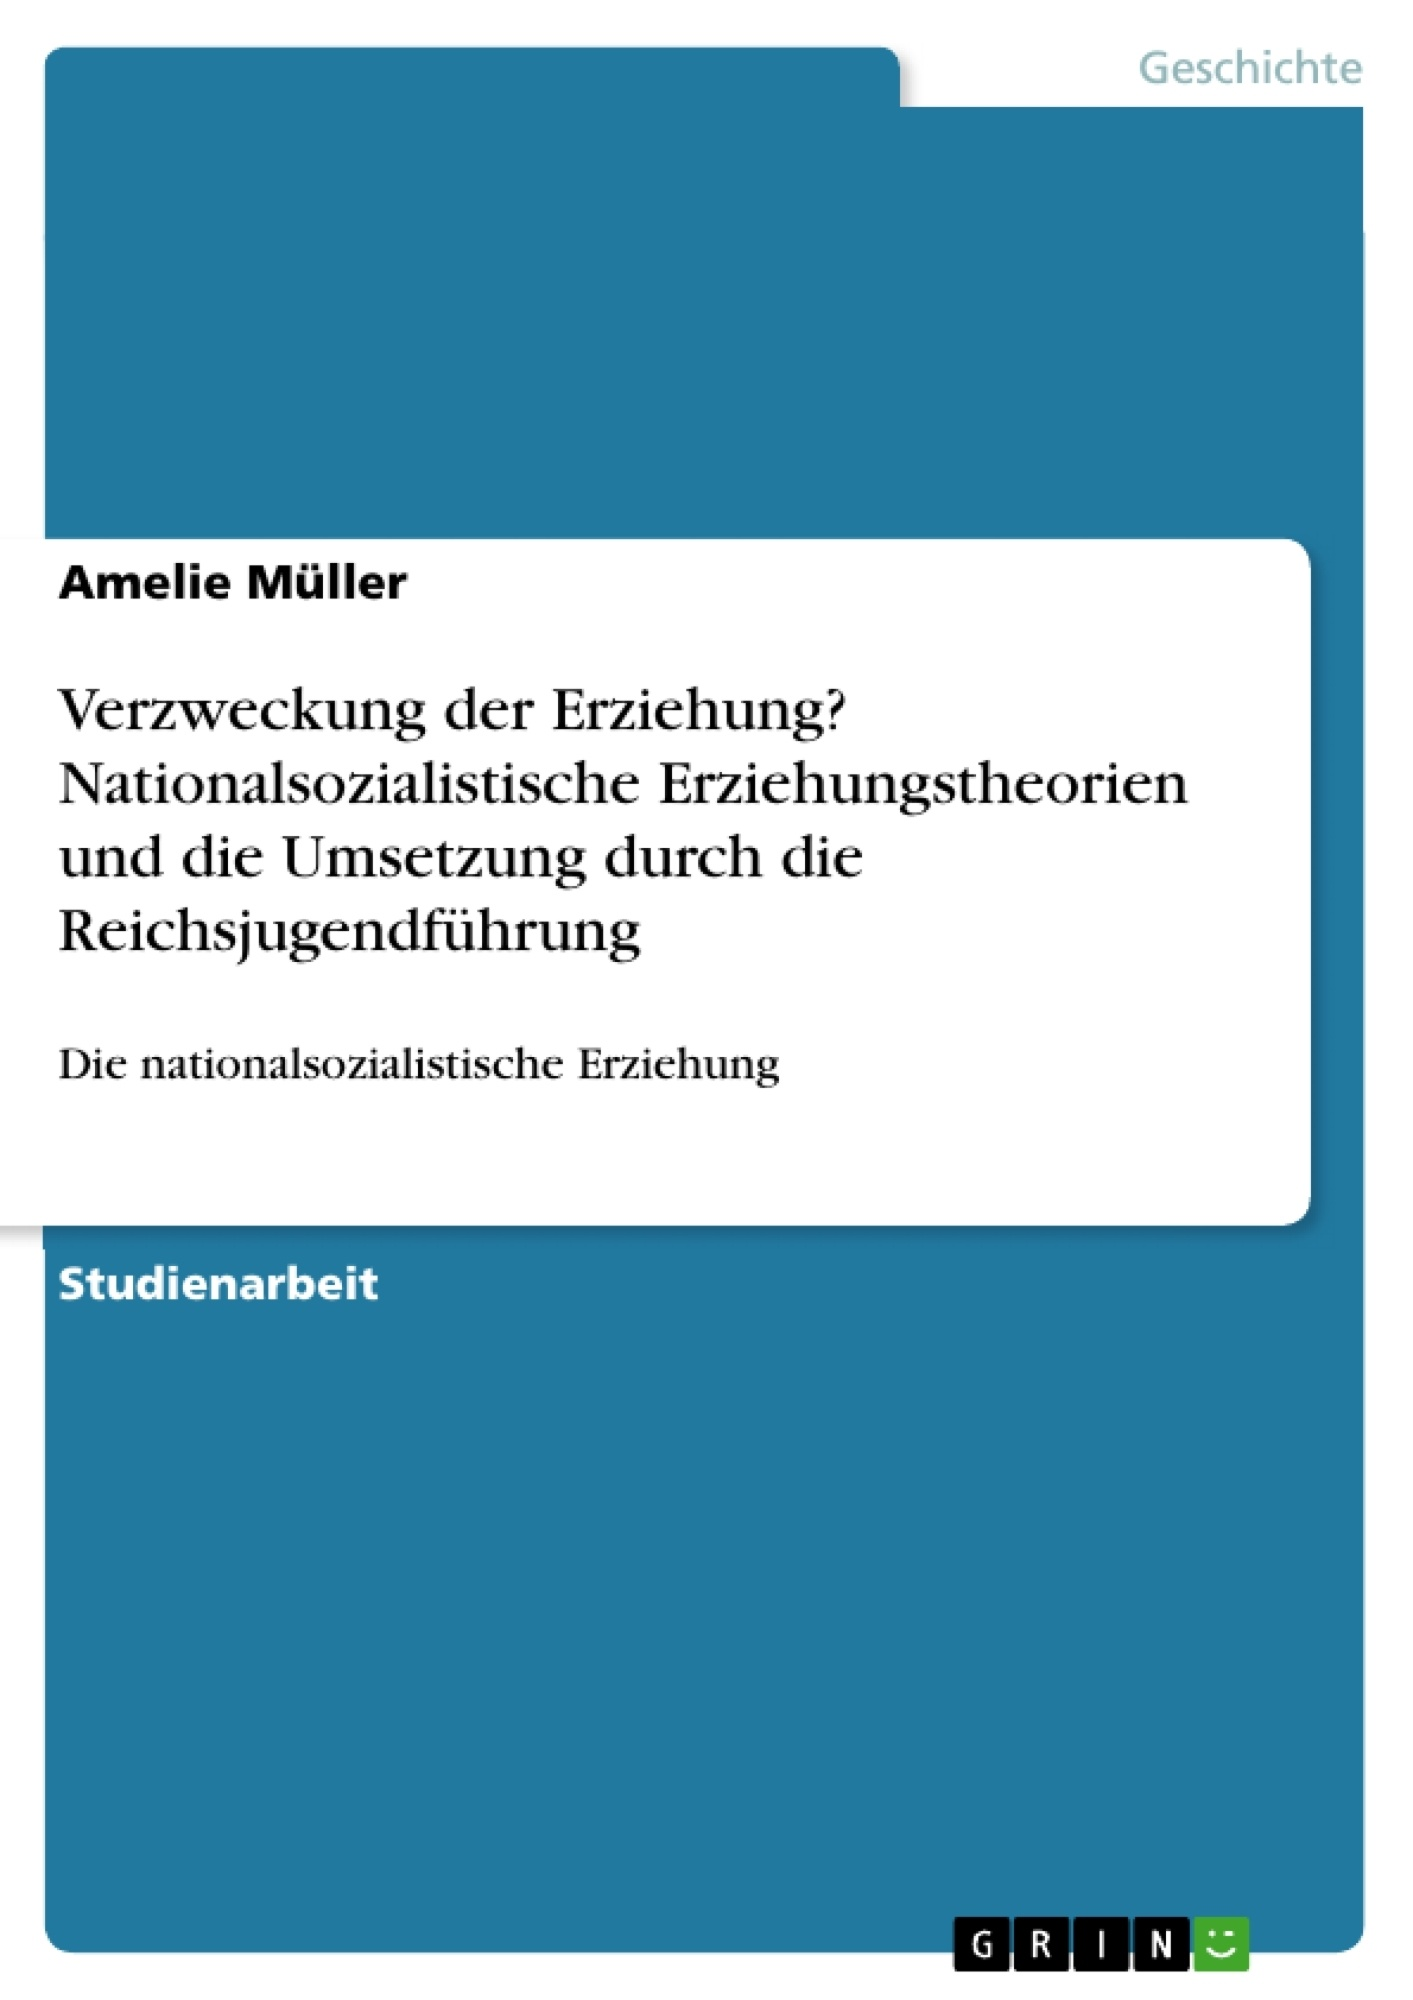 Titel: Verzweckung der Erziehung? Nationalsozialistische Erziehungstheorien und die Umsetzung durch die Reichsjugendführung